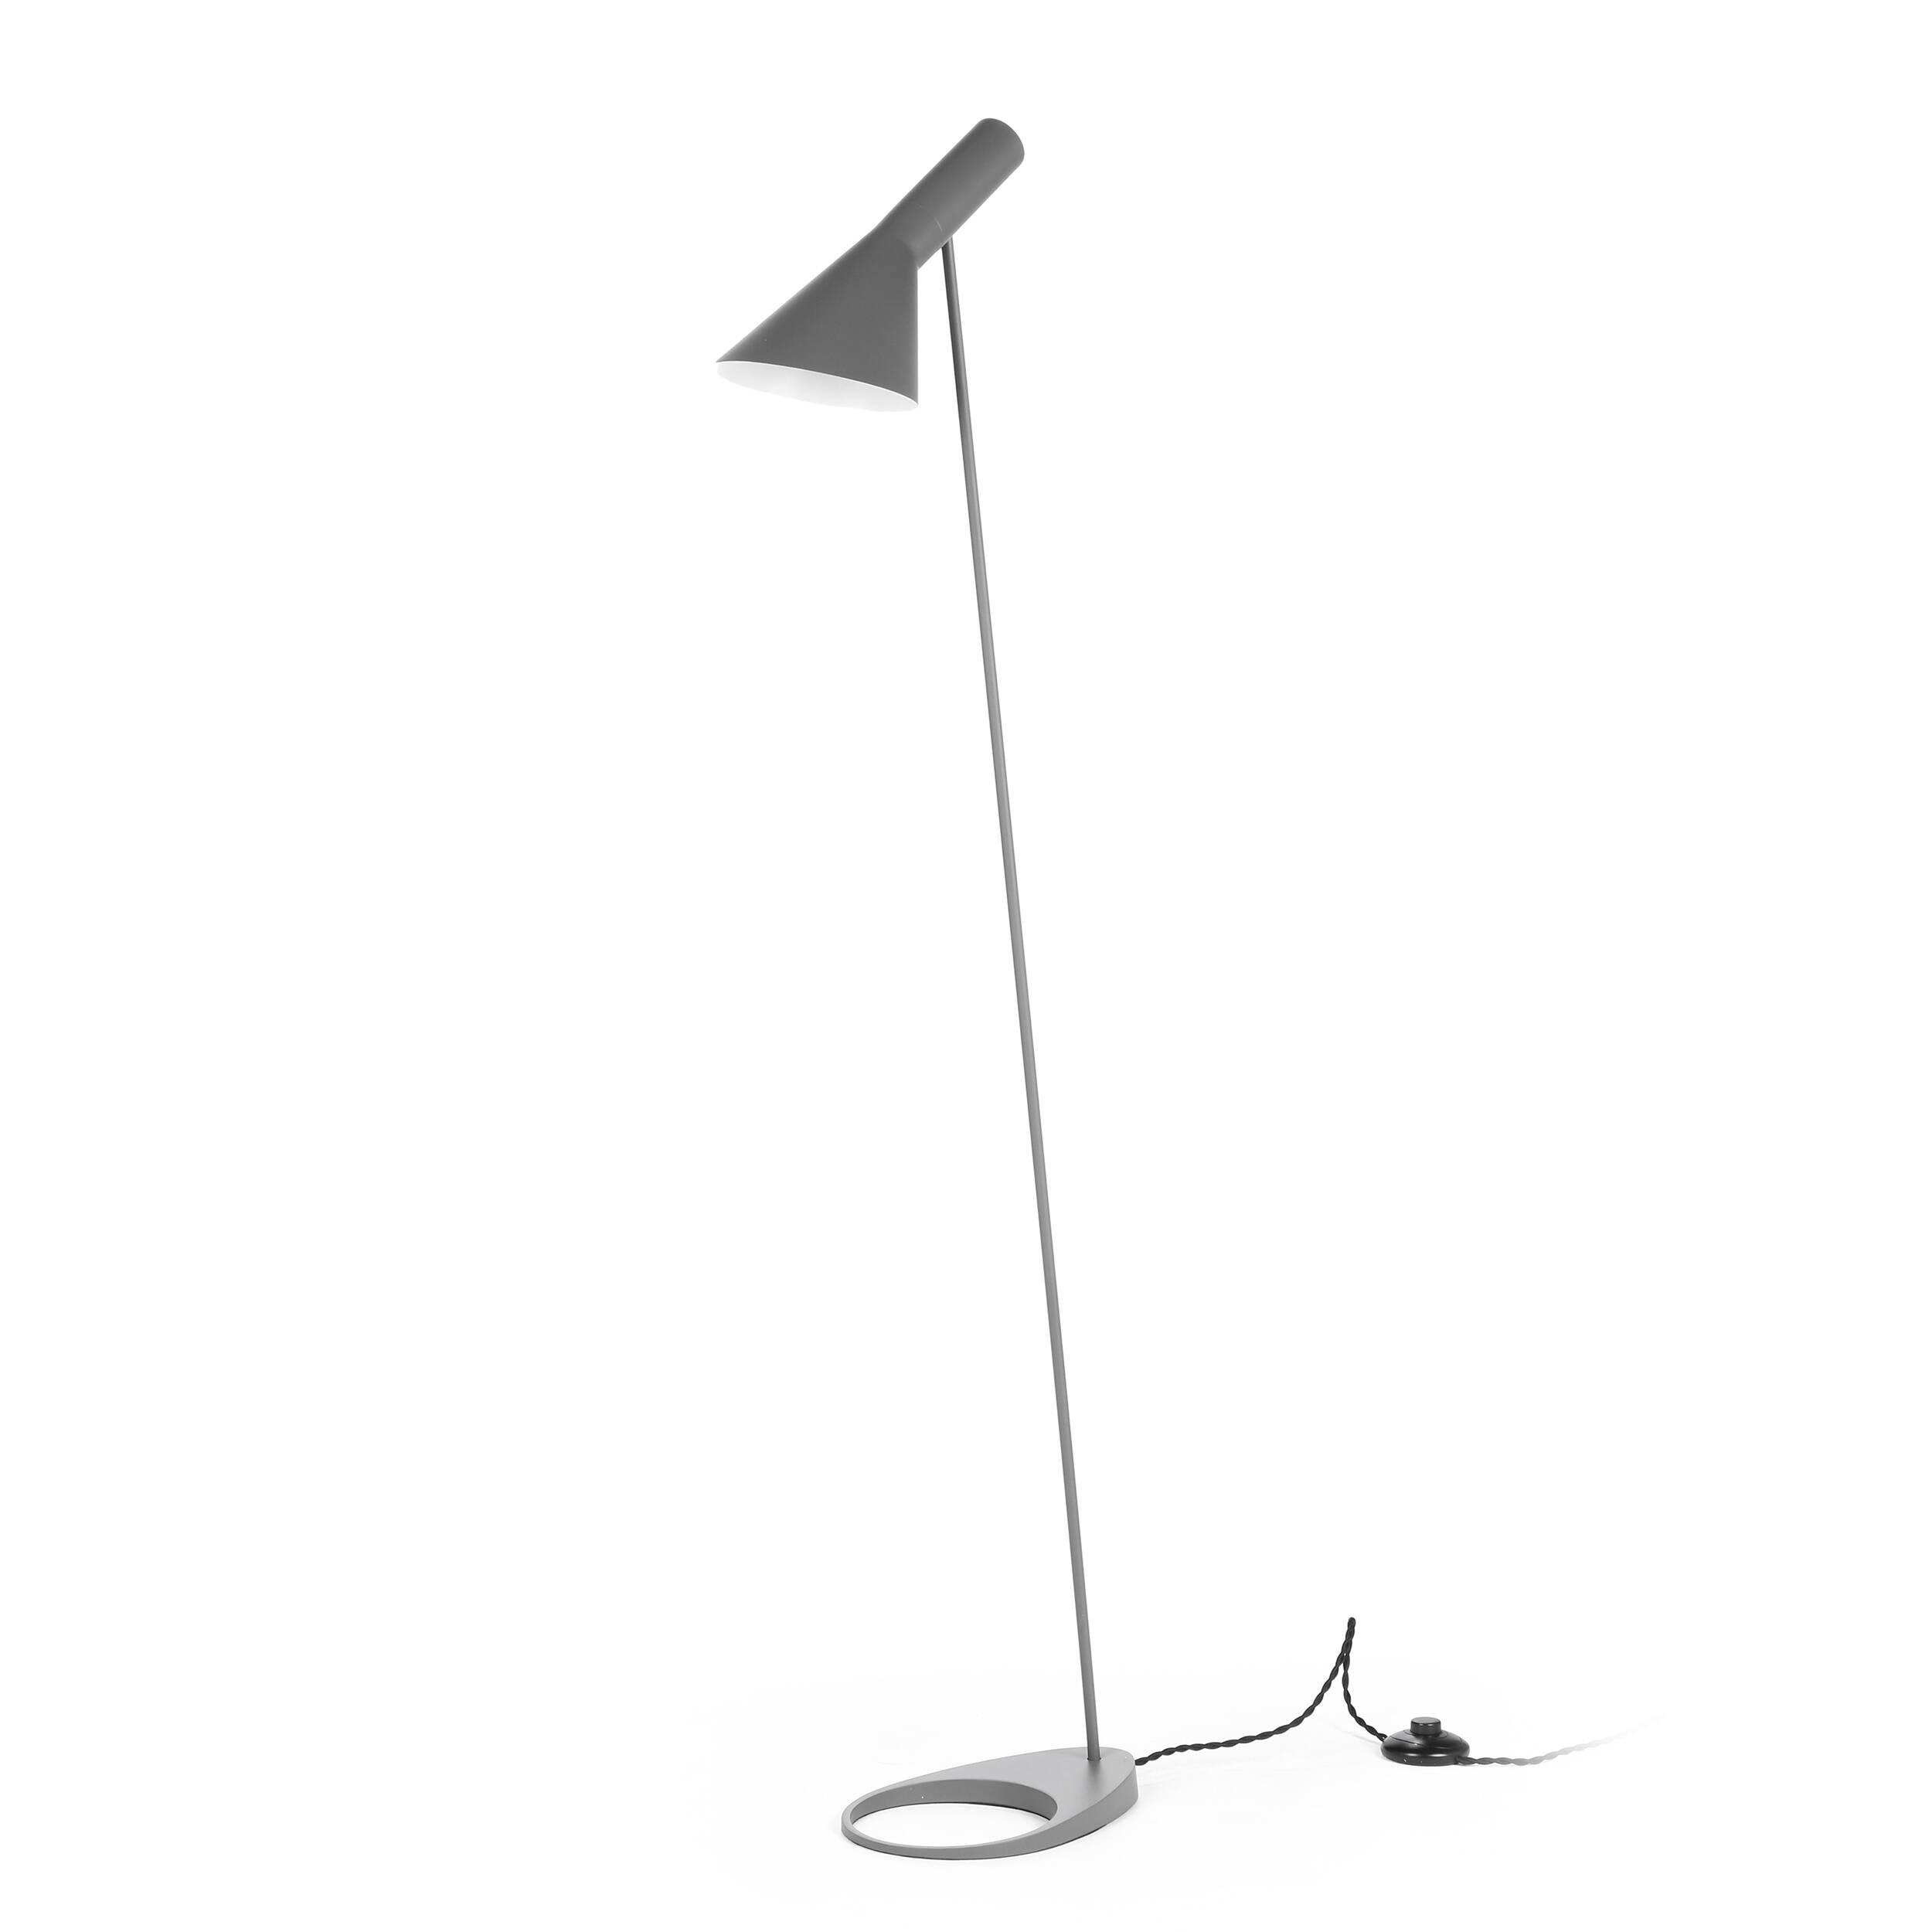 Напольный светильник AJ 2Напольные<br>Датский архитектор Арне Якобсен, чьи проекты получили мировое признание, в середине прошлого века стал разрабатывать предметы интерьера. Основное направление его деятельности — стиль хай-тек.<br><br><br> Замечательное творение автора — это напольный светильник AJ 2. Тонкая длинная ножка позволяет устанавливать его в гостиных и столовых, в спальнях и детских комнатах. Небольшая плоская основа надежно удерживает общую конструкцию и не позволяет светильнику опрокинуться. Светильник может занять с...<br><br>stock: 3<br>Высота: 130<br>Ширина: 27.5<br>Количество ламп: 1<br>Материал абажура: Металл<br>Мощность лампы: 60<br>Ламп в комплекте: Нет<br>Напряжение: 220-240<br>Тип лампы/цоколь: E27<br>Цвет абажура: Серый<br>Цвет провода: Черный